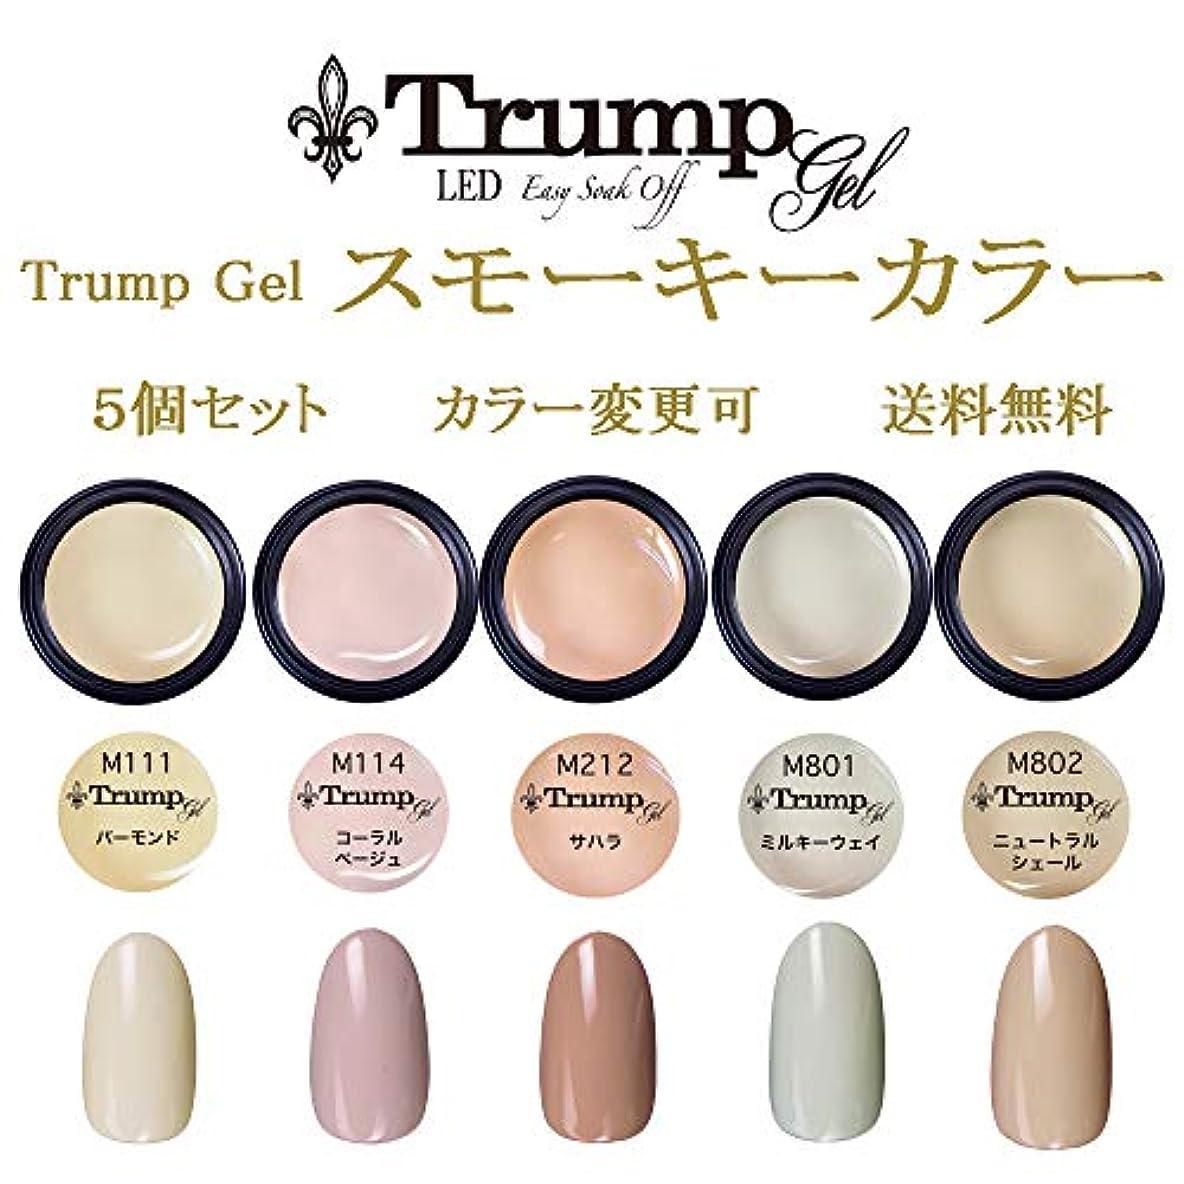 印象的うまれた根拠日本製 Trump gel トランプジェル スモーキーカラー 選べる カラージェル 5個セット スモーク ベージュ グレー ブラウン ピンク